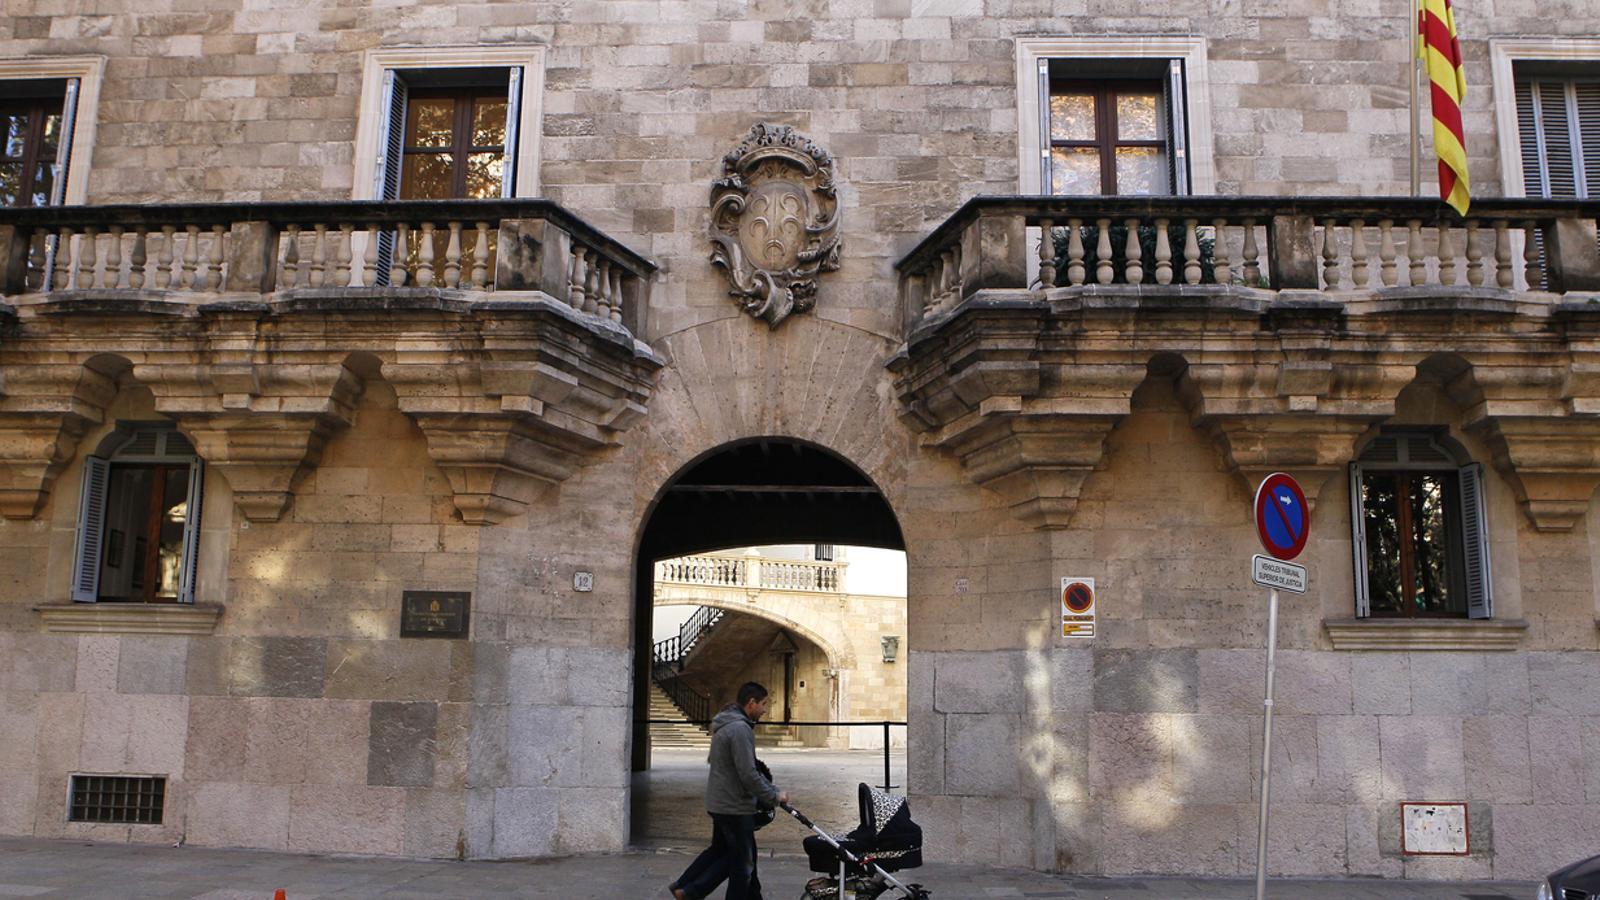 L'Audiència provincial de Palma. / ARA BALEARS